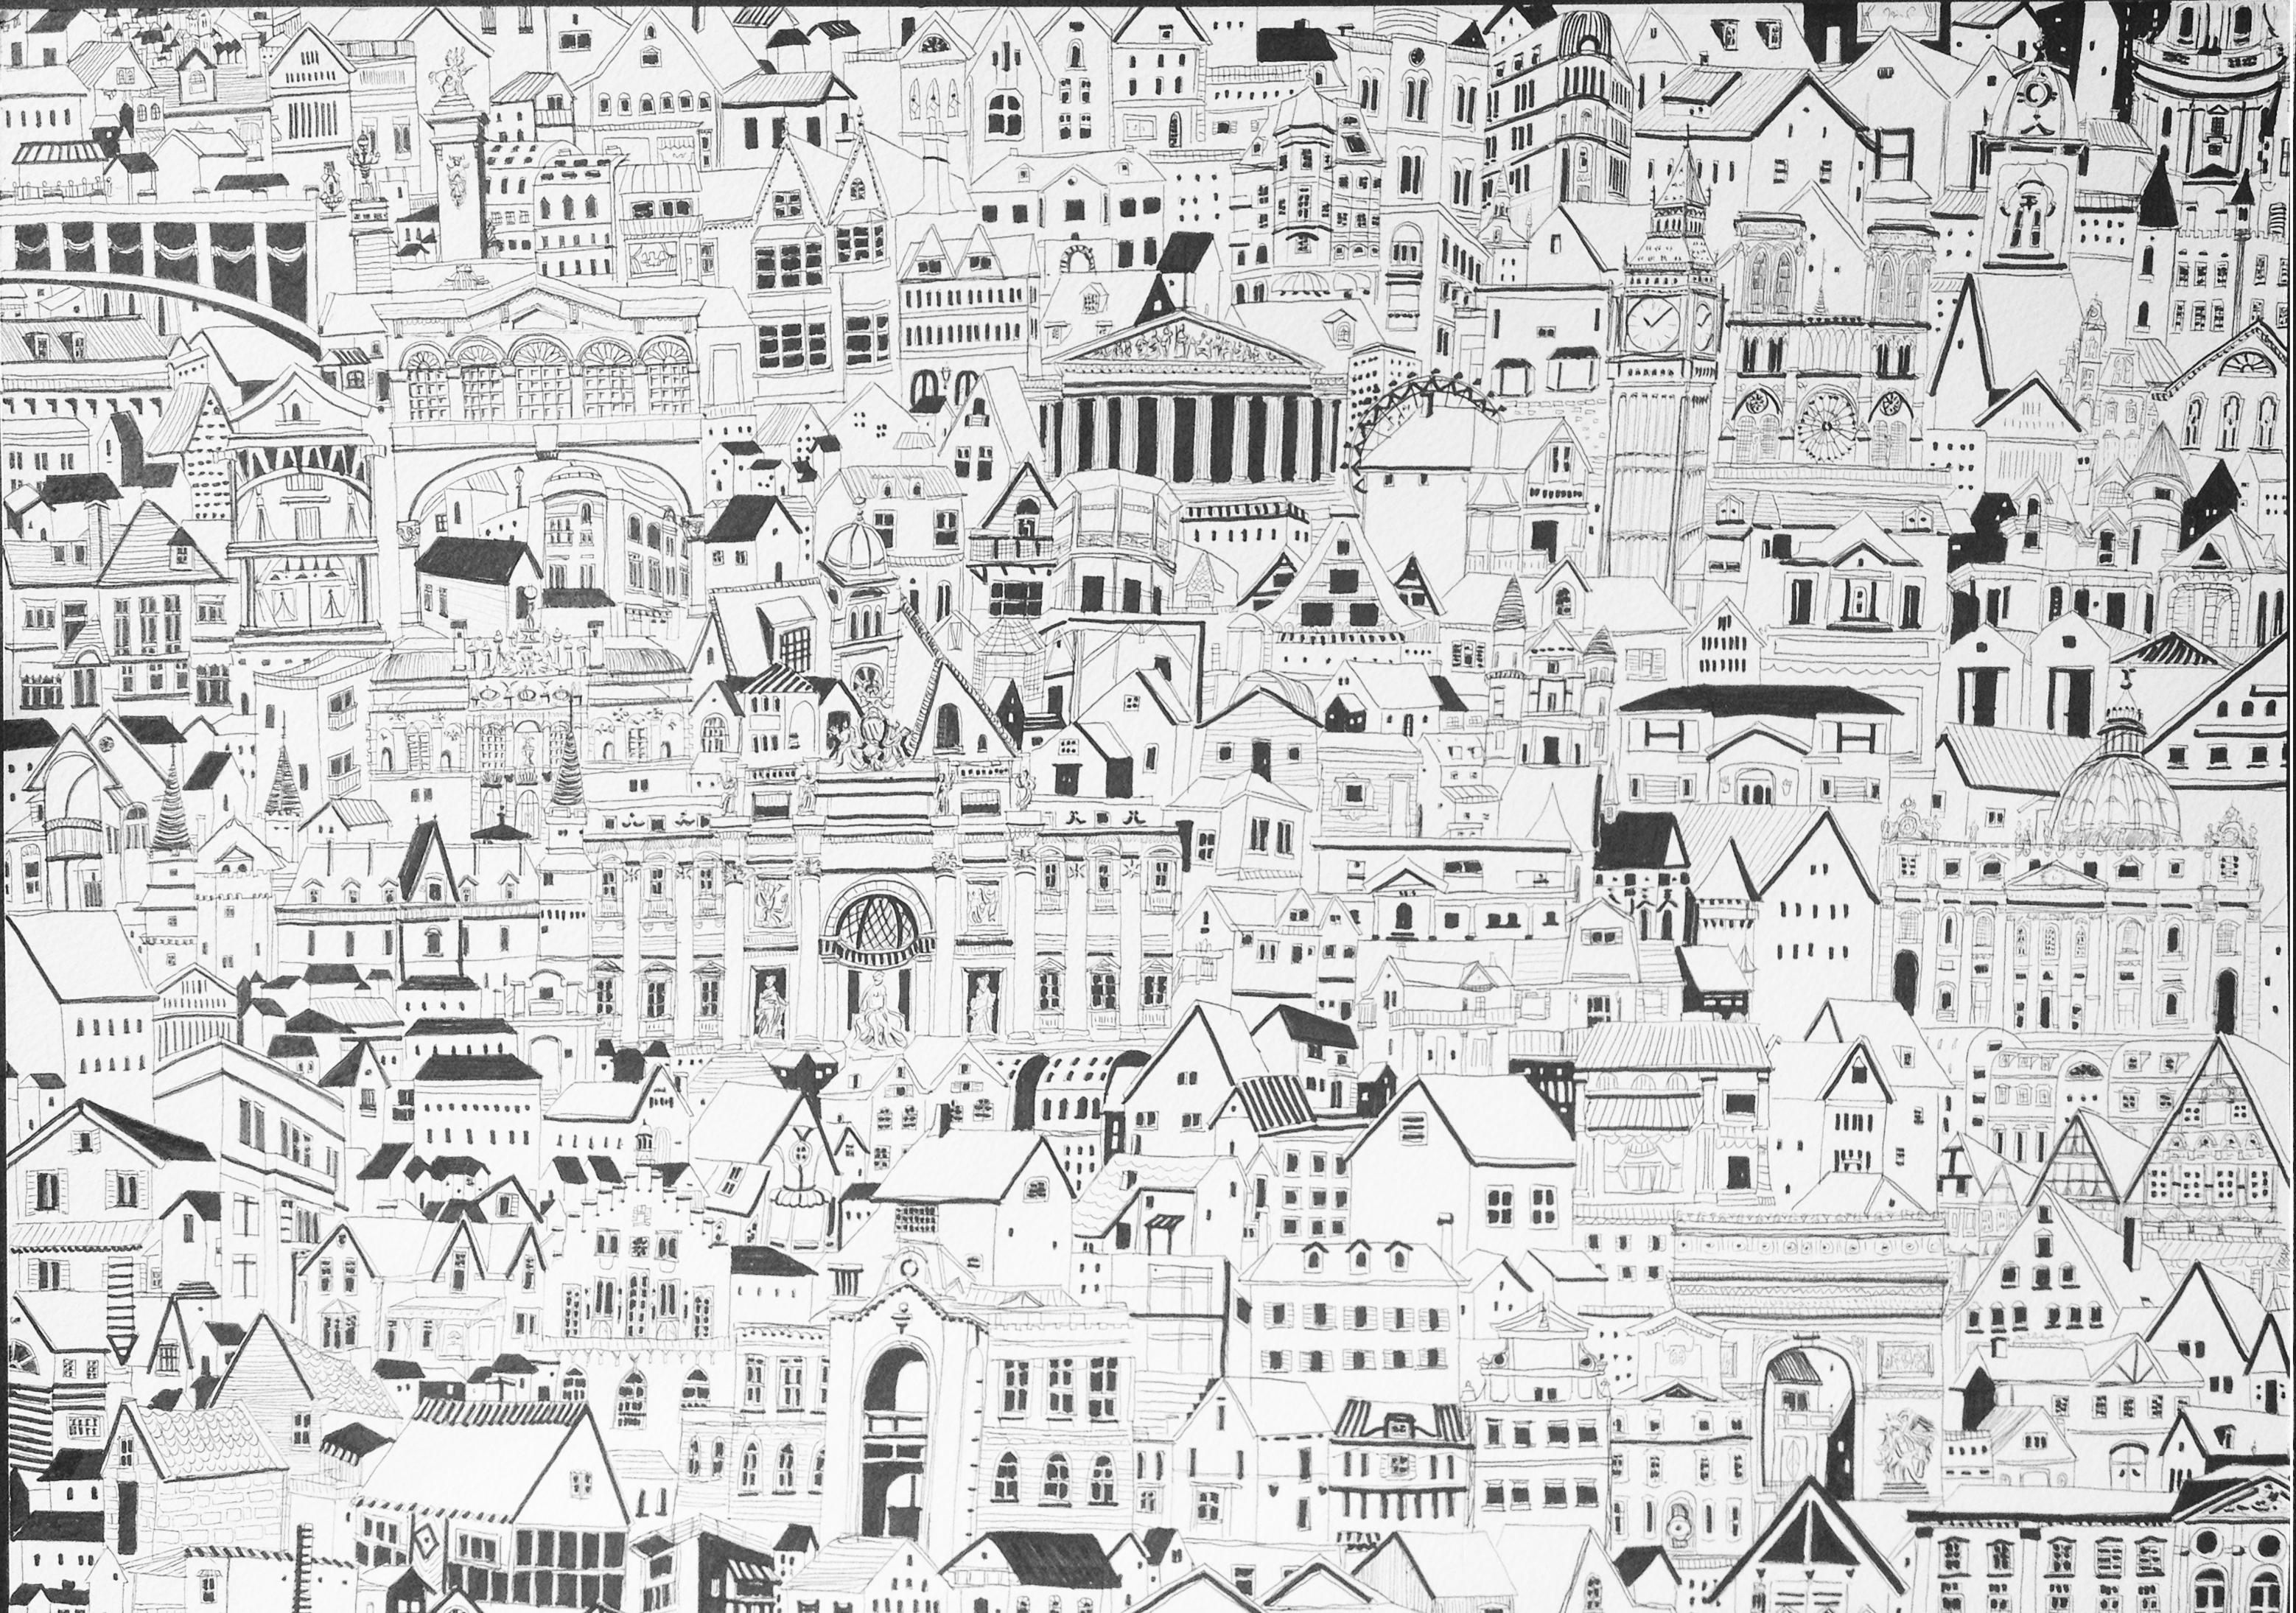 Diorama of European architecture